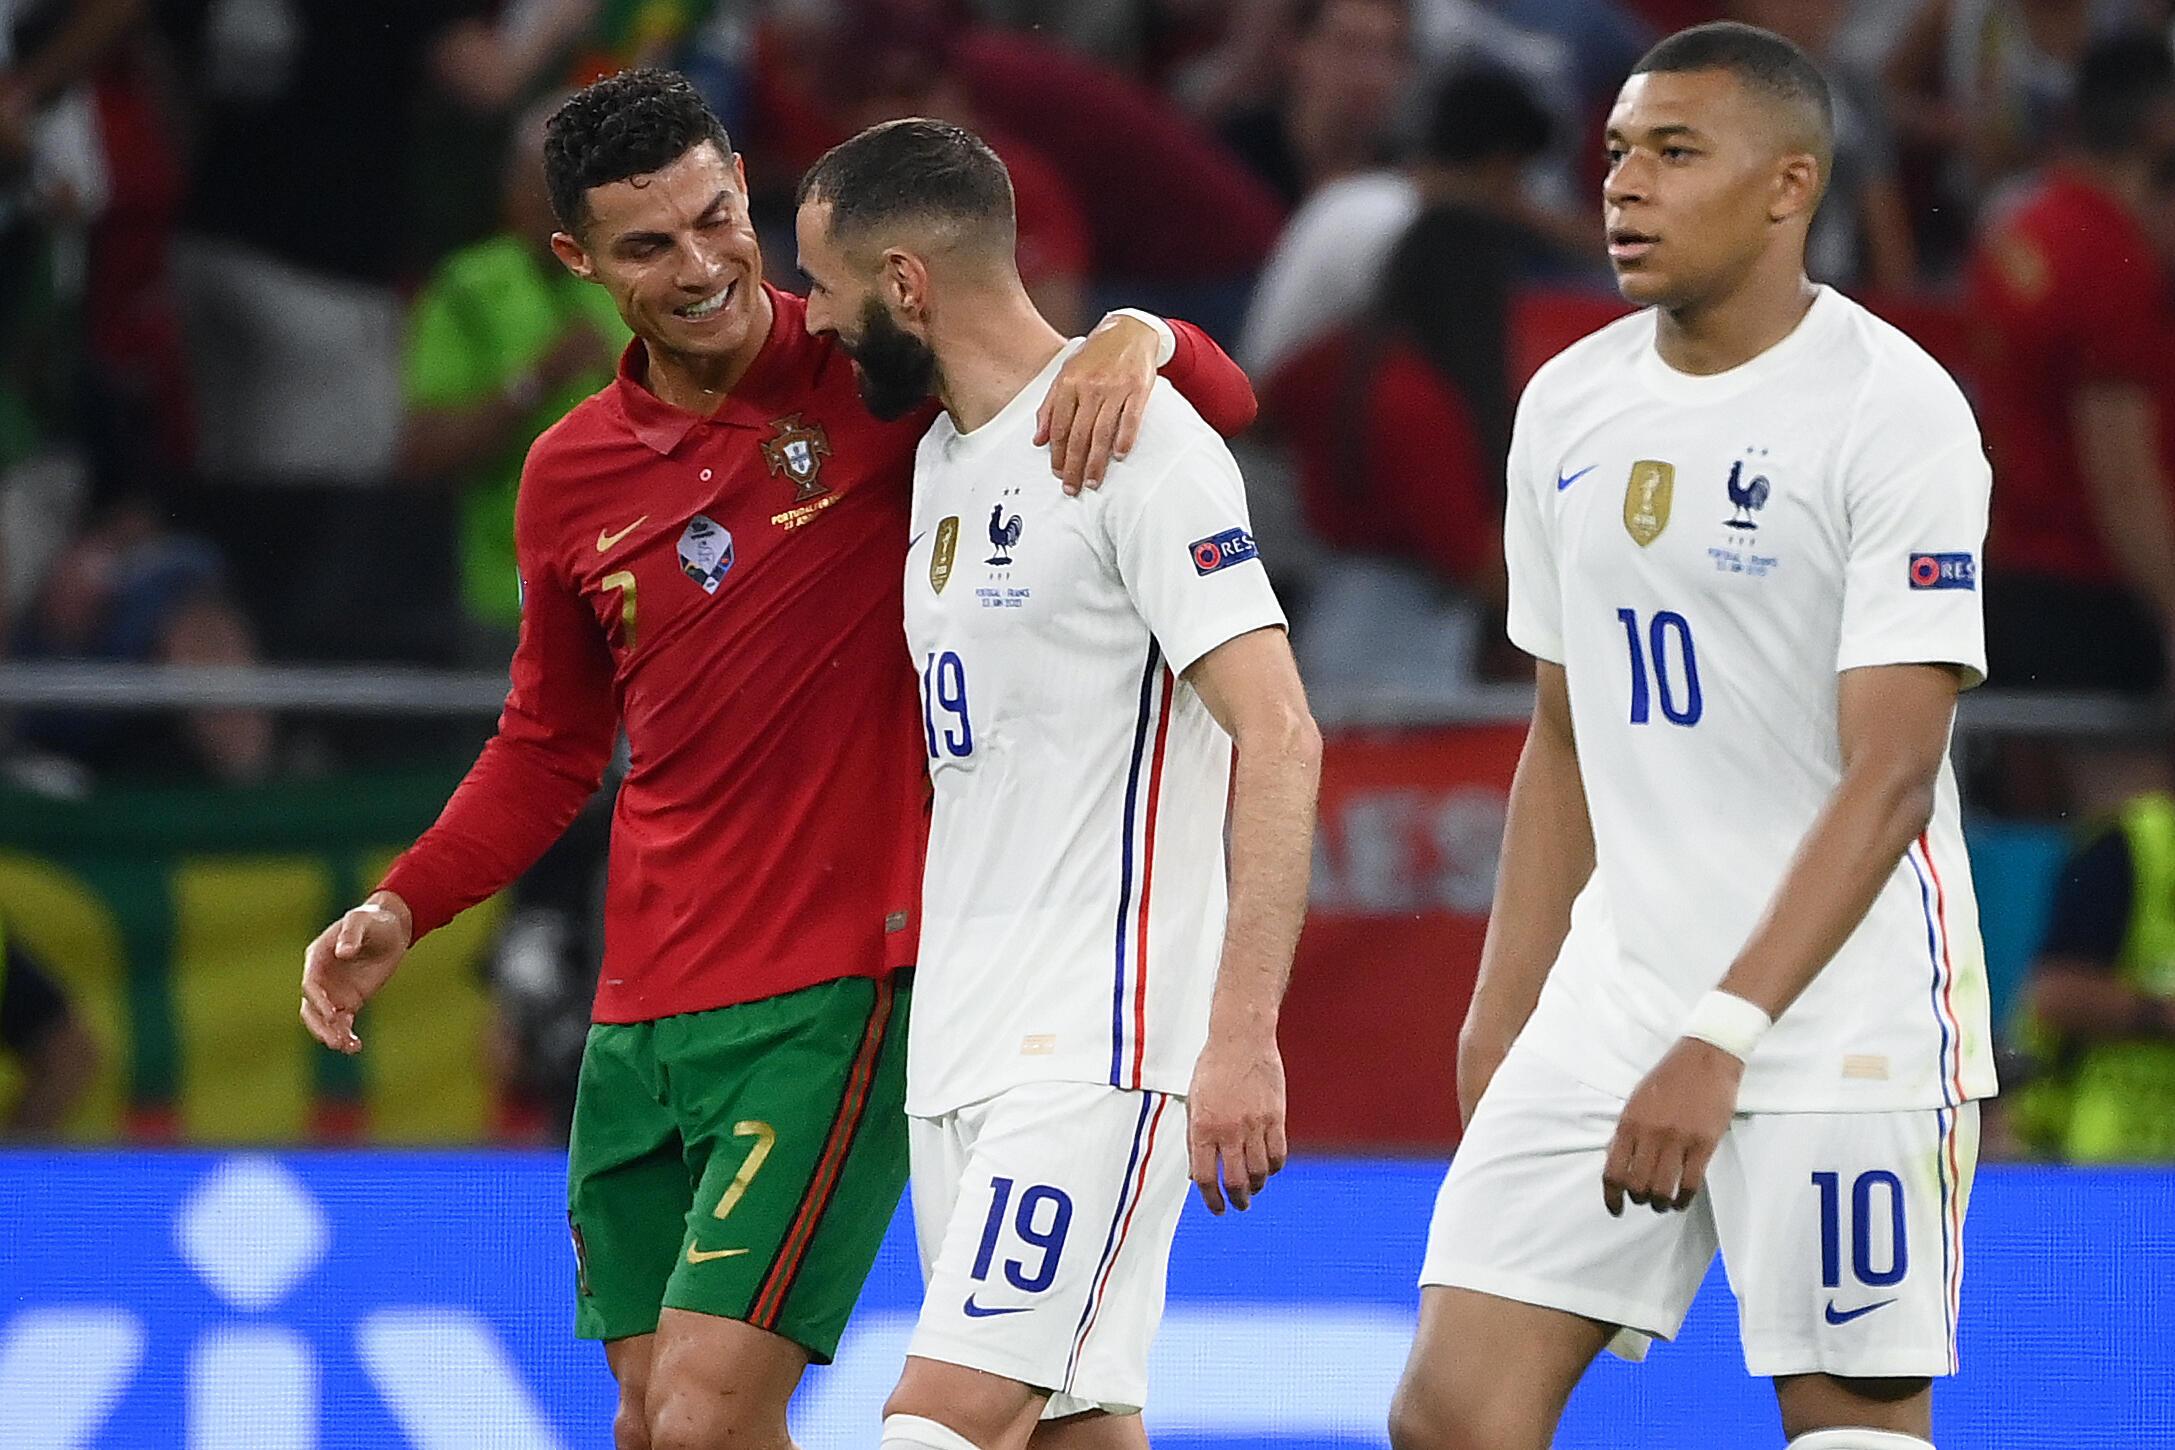 Les attaquants Cristiano Ronaldo et Karim Benzema discutent à la fin de la 1re mi-temps entre le Portugal et la France, lors de la 3e journée du groupe F à l'Euro-2021, le 23 juin 2021 à Budapest.